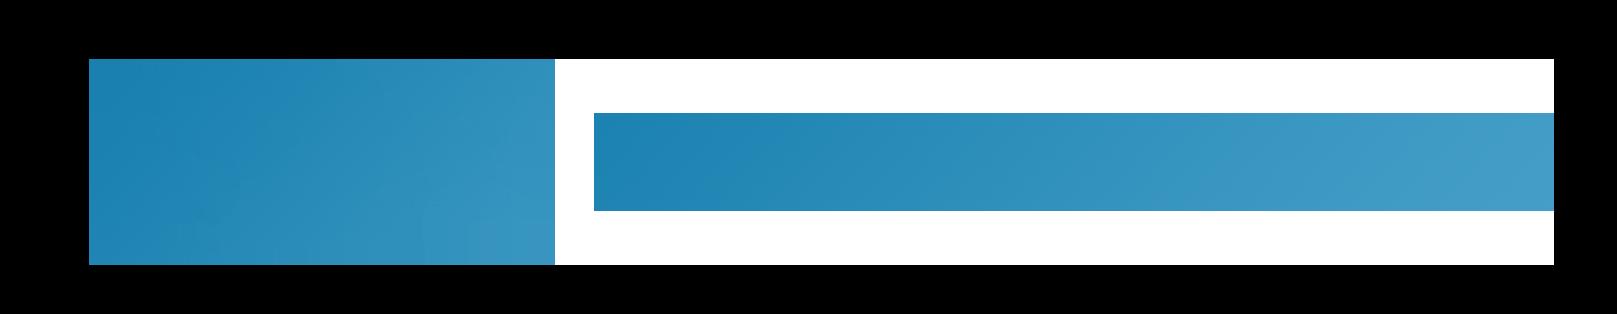 cashback index logo